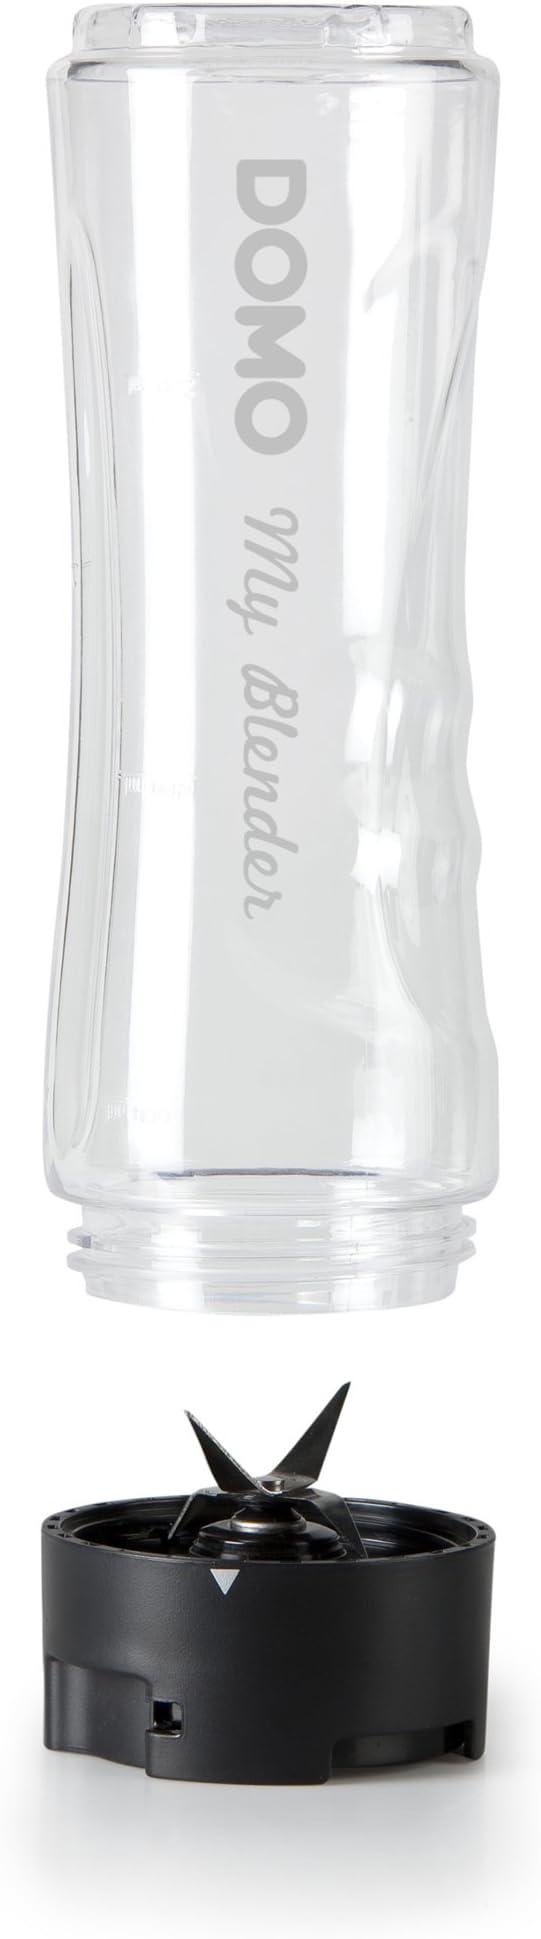 Domo DO491BL Batidora de vaso 0.6L Multicolor - Licuadora (0,6 L ...